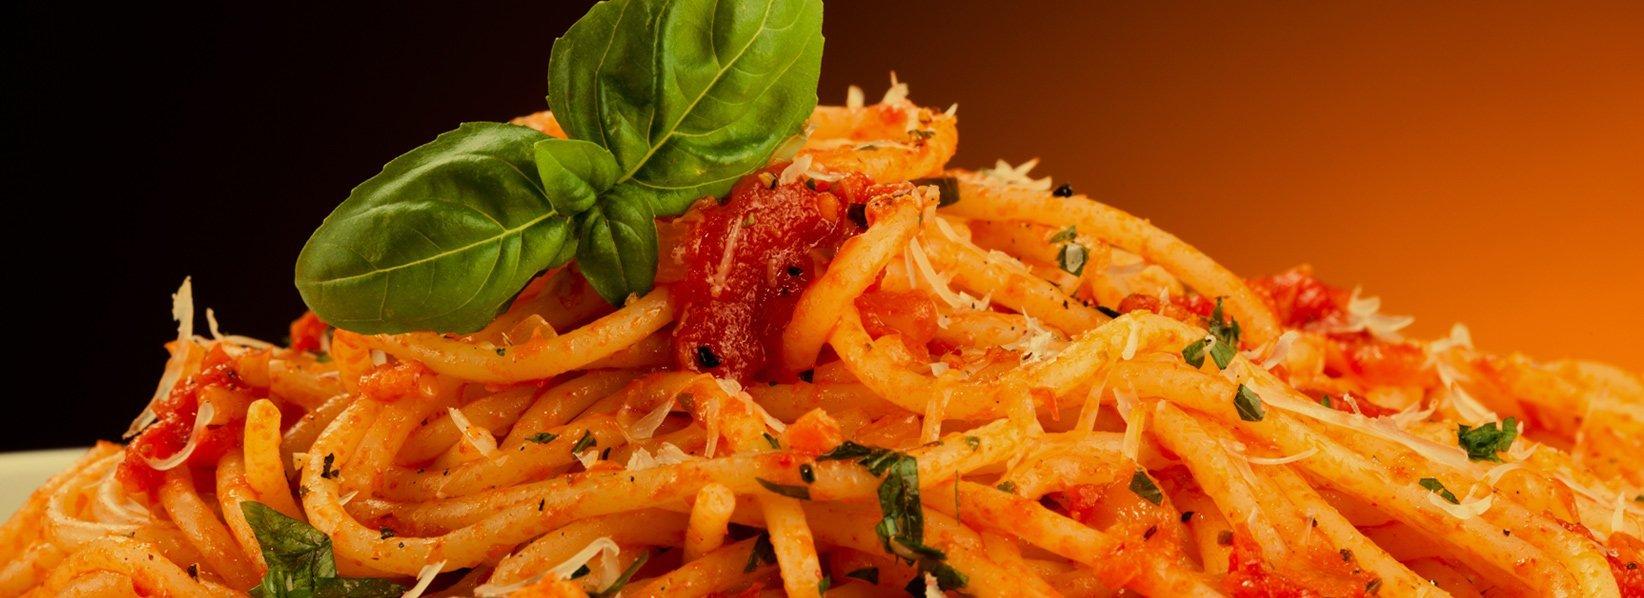 Pazzo Ristorante - Pizza, Italian Food & Catering